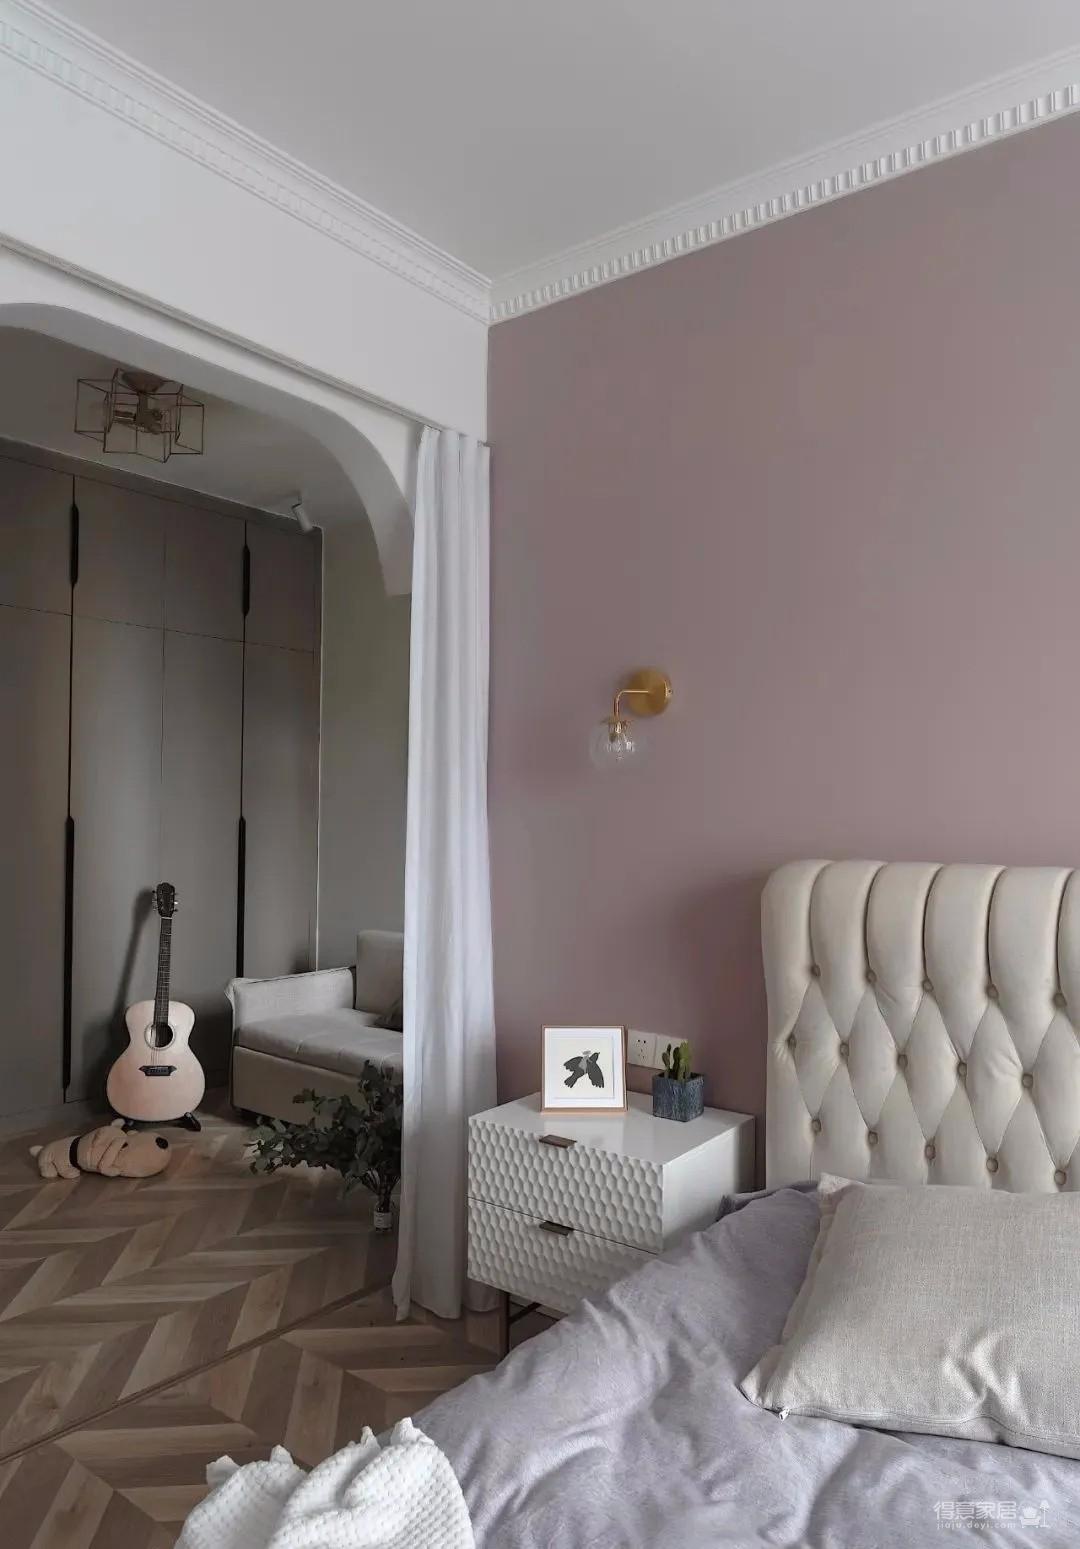 两居室改成主卧+衣帽间+休闲室的套间,住起来太爽了!图_6